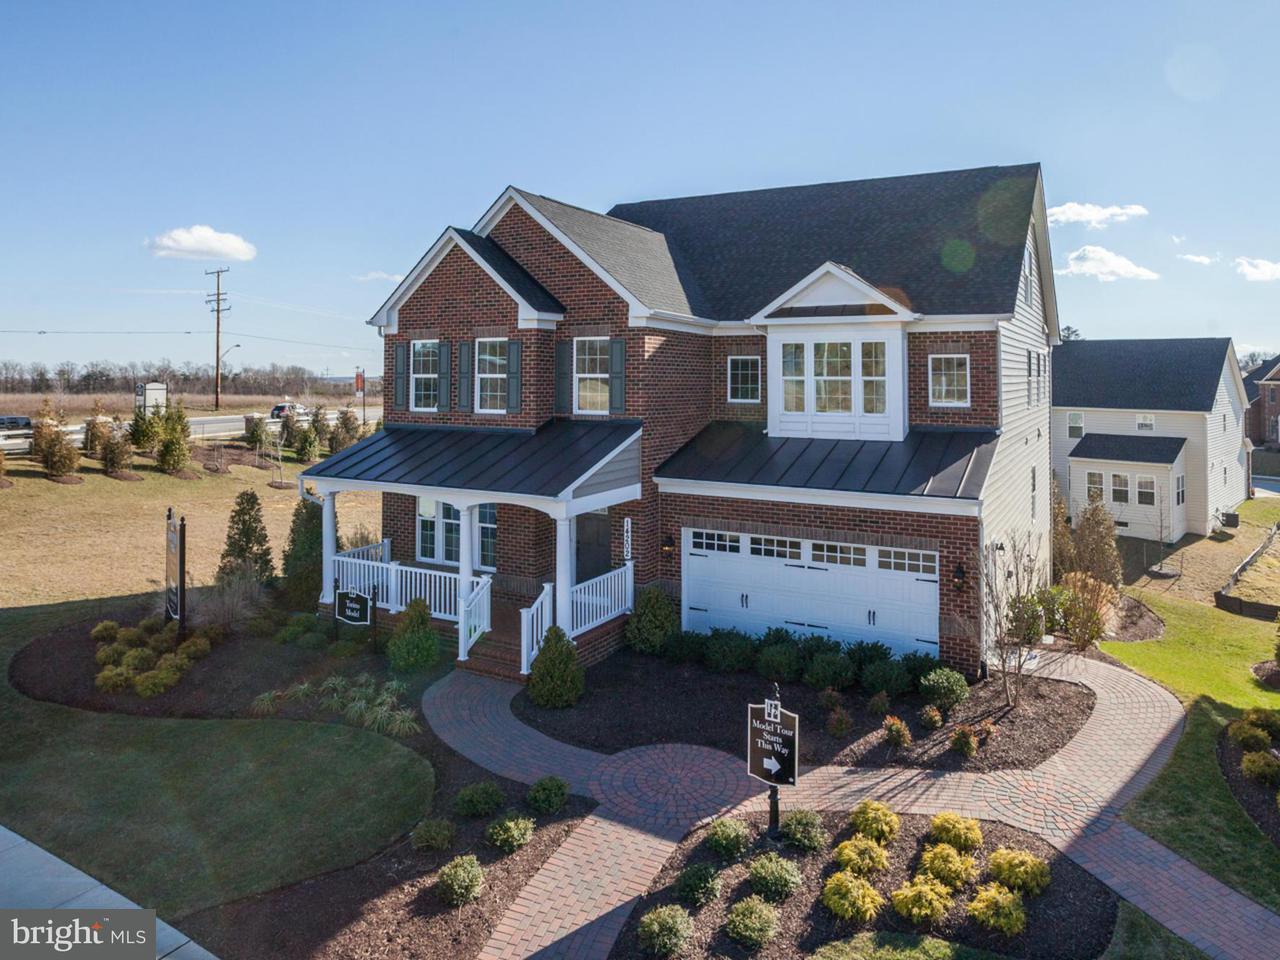 Casa Unifamiliar por un Venta en 14626 BENTLEY PARK Drive 14626 BENTLEY PARK Drive Burtonsville, Maryland 20866 Estados Unidos